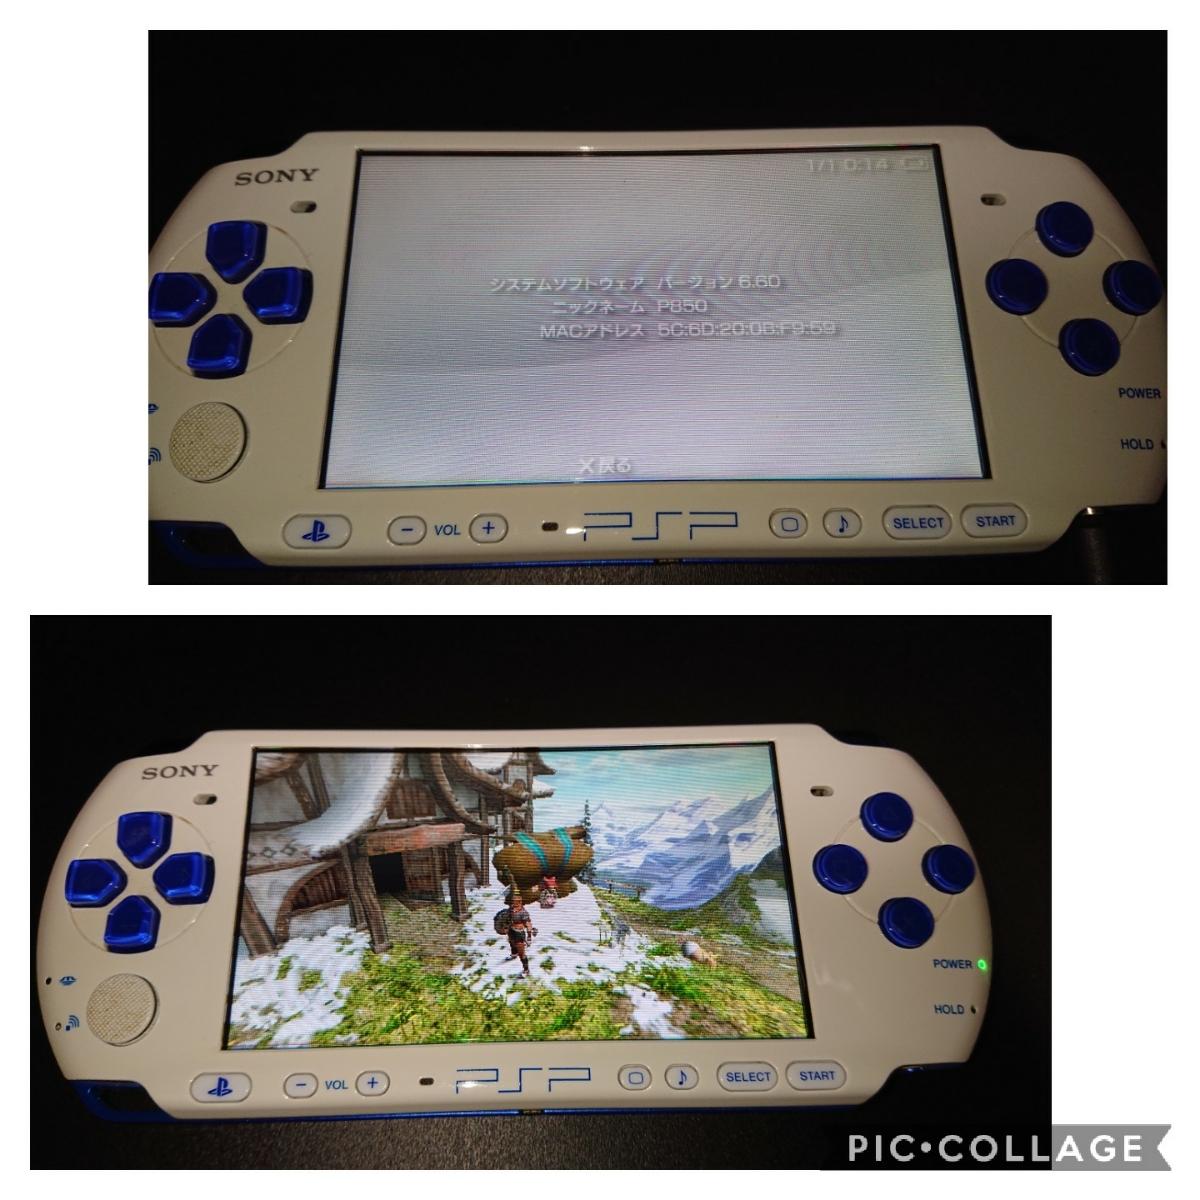 1円~PSP-3000 ホワイトブルー プレイステーションポータブル本体一式と、メモリースティック、ポーチ、オマケソフト付き。_画像6